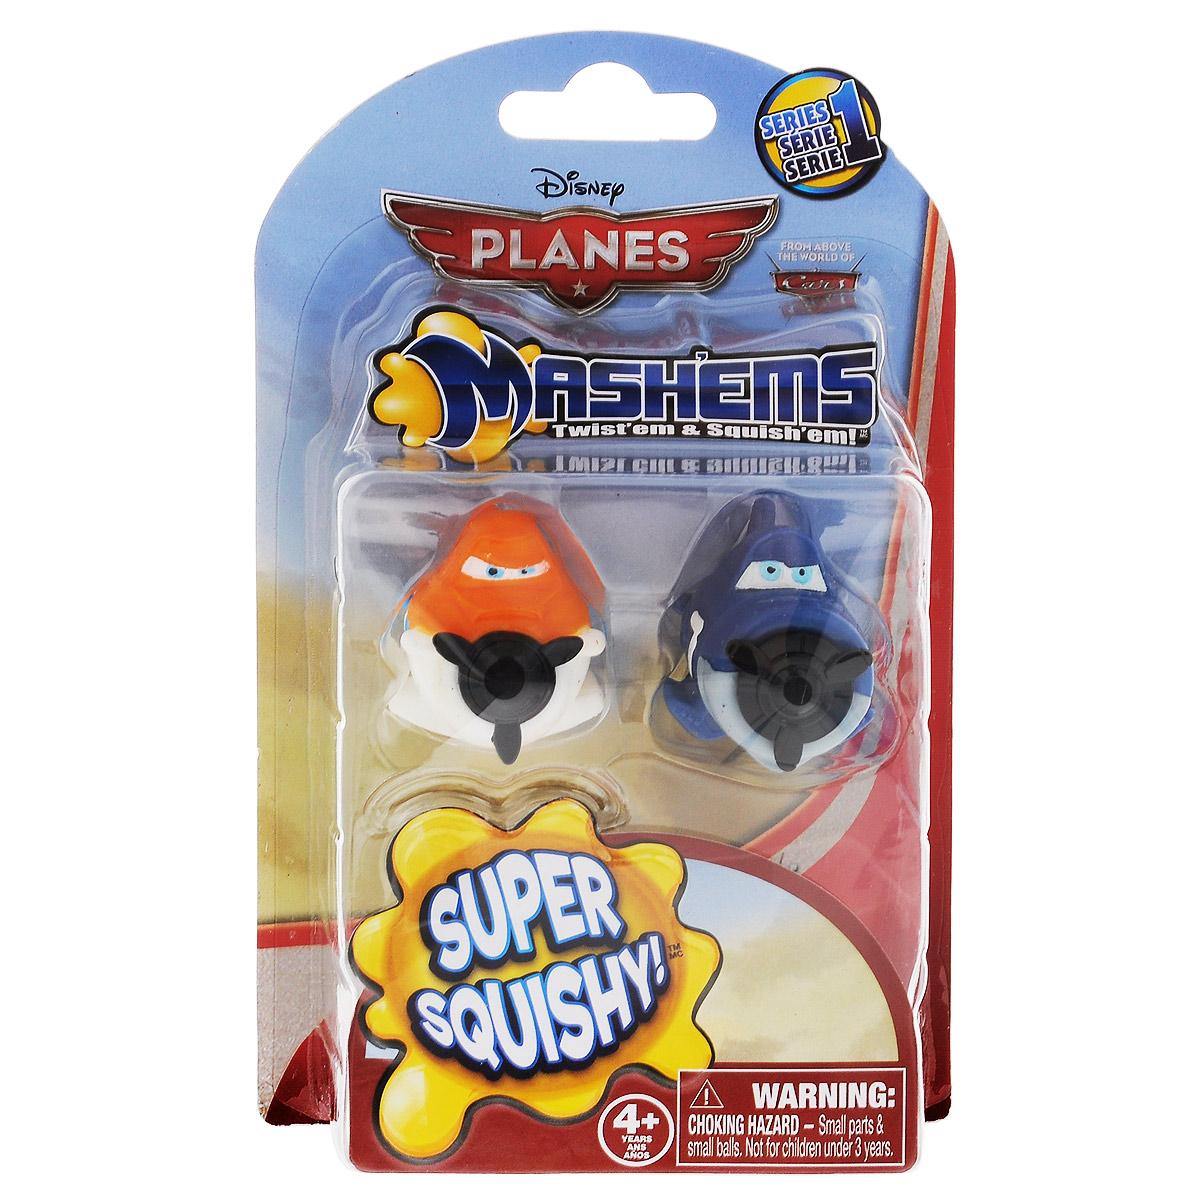 Игрушки-мялки MashEms Самолеты52221-0000012-01Игрушки-мялки Самолеты непременно понравятся вашему малышу! Игрушка выполнена в виде двух забавных самолетиков - героев знаменитого мультфильма Самолеты. Игрушки выполнены из безопасной термопластичной резины с жидким наполнителем, благодаря чему их можно сжимать, крутить, кидать - а они всегда будут возвращаться в первоначальный вид. Игрушки-мялки способствуют развитию мелкой моторики пальцев рук, развивает творческое мышление, укрепляет кистевые мышцы рук, создает позитивный эмоциональный фон и является замечательным антистрессом. Порадуйте своего ребенка таким замечательным подарком!